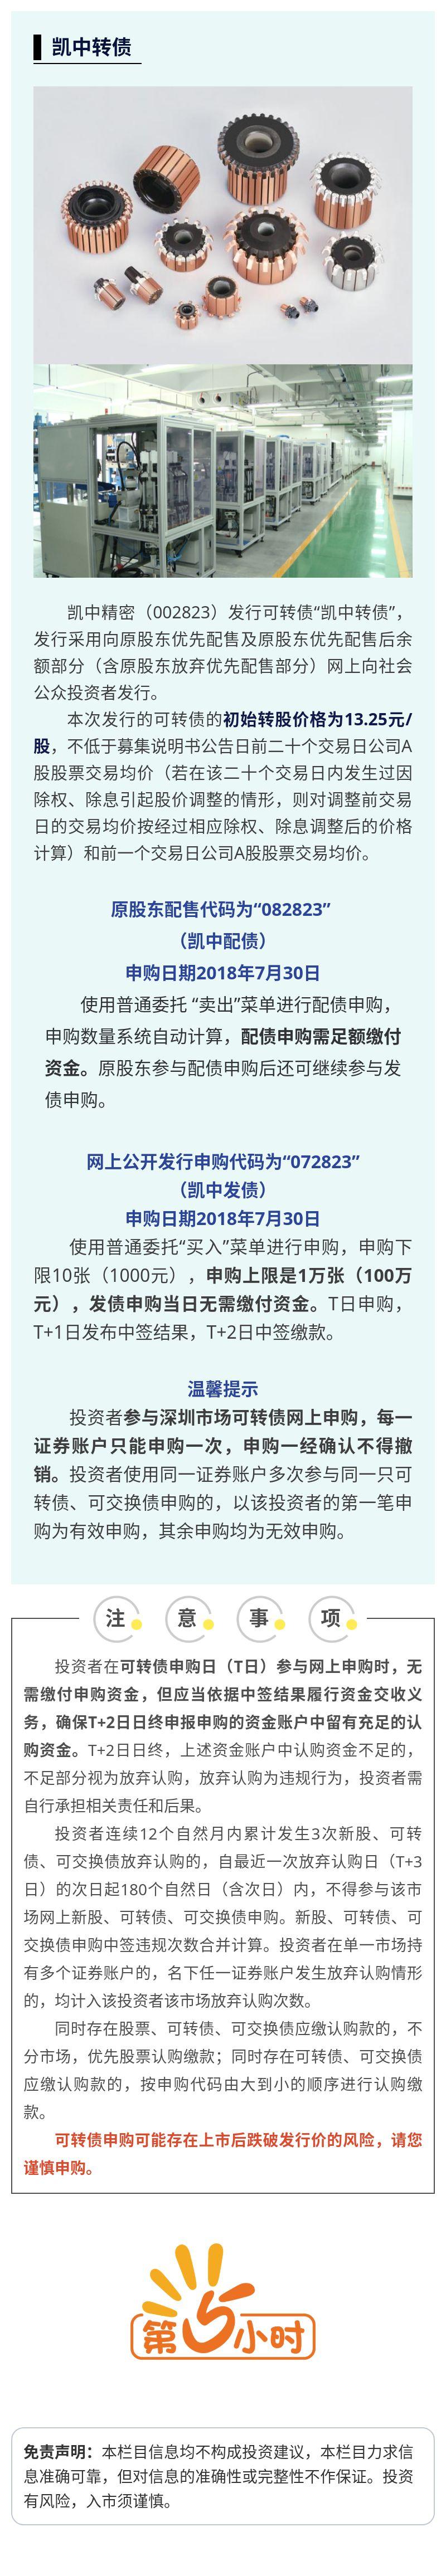 【新债申购】凯中精密(002823)公开发行可转换公司债.jpg